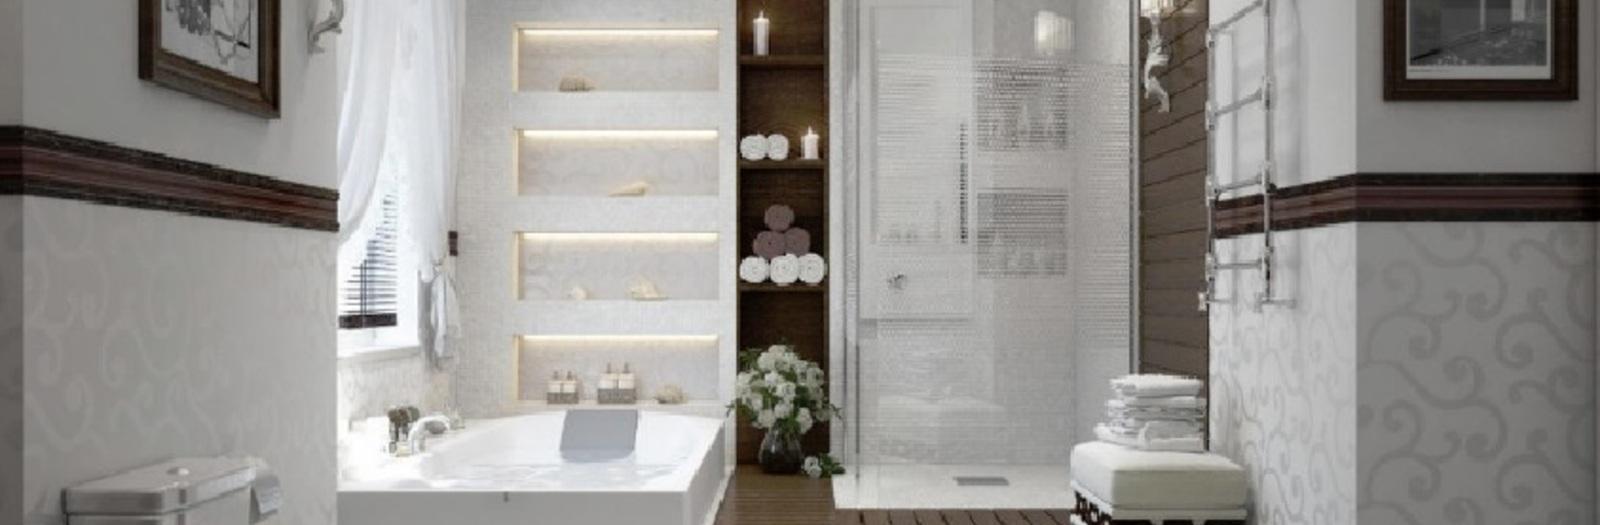 Bathroom Designs Tucker Ga